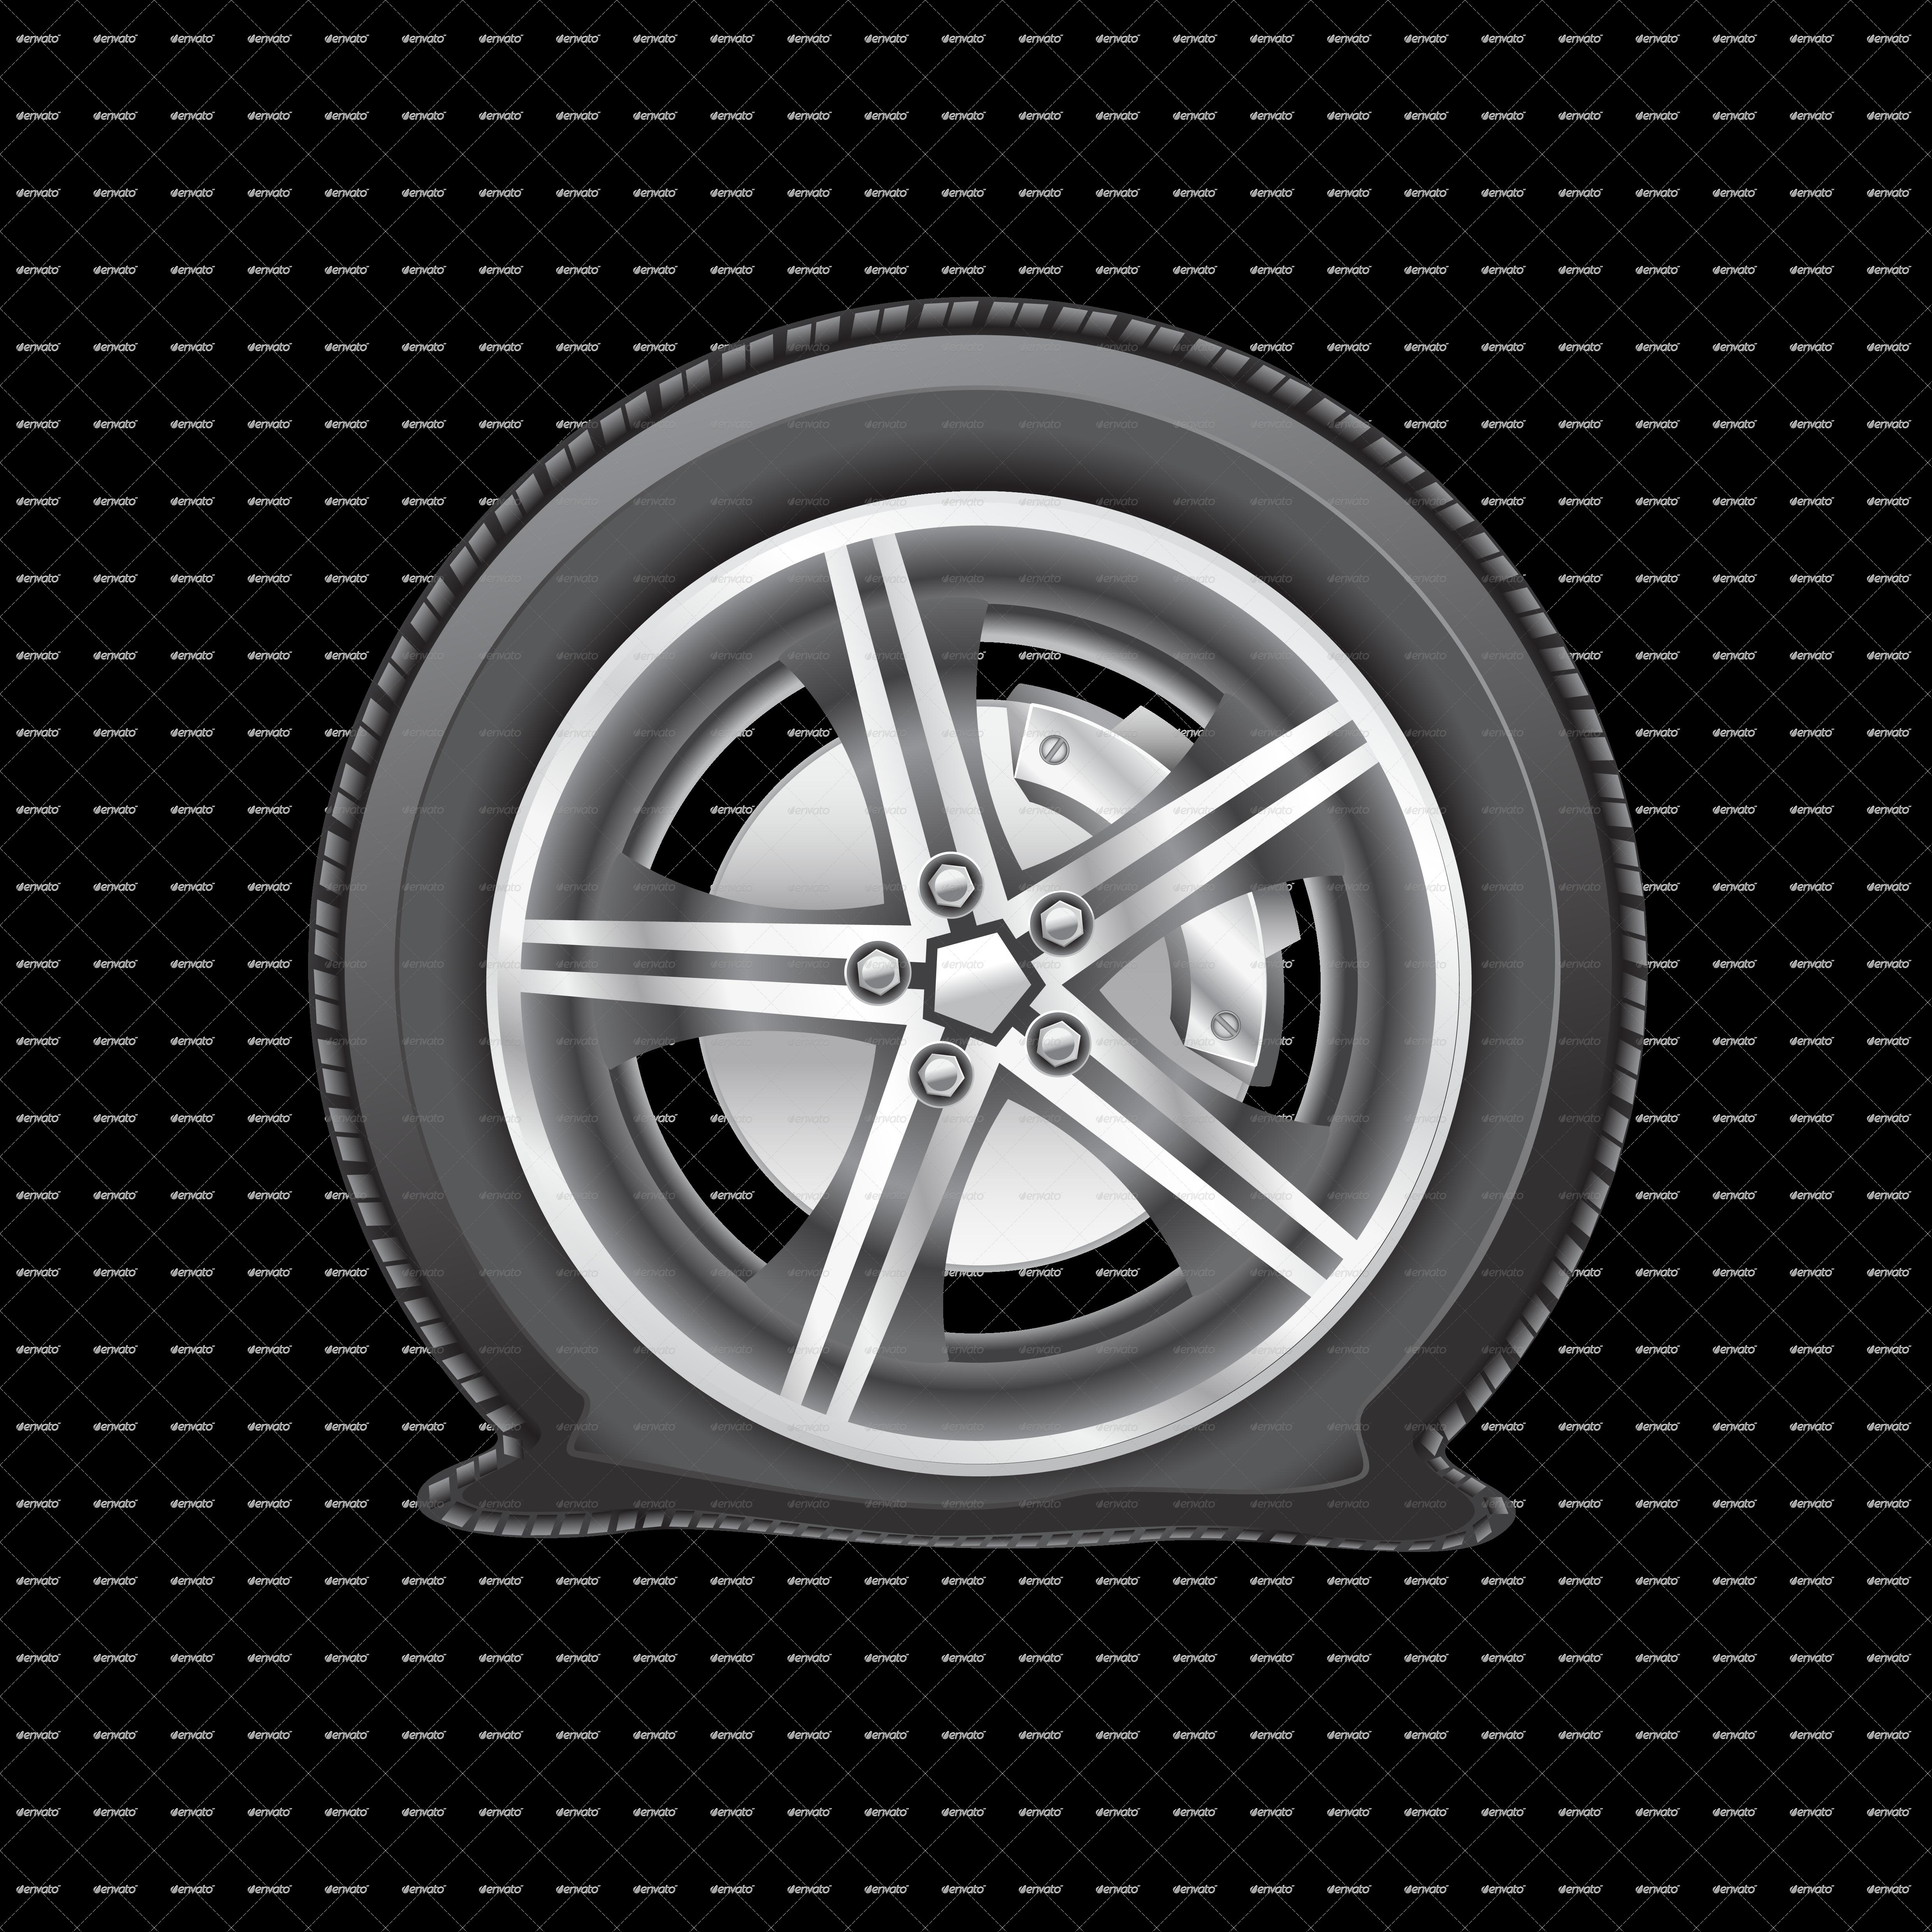 Free Car Tire Cliparts, Download Free Clip Art, Free Clip ...  Flat Tires Cartoon Hands